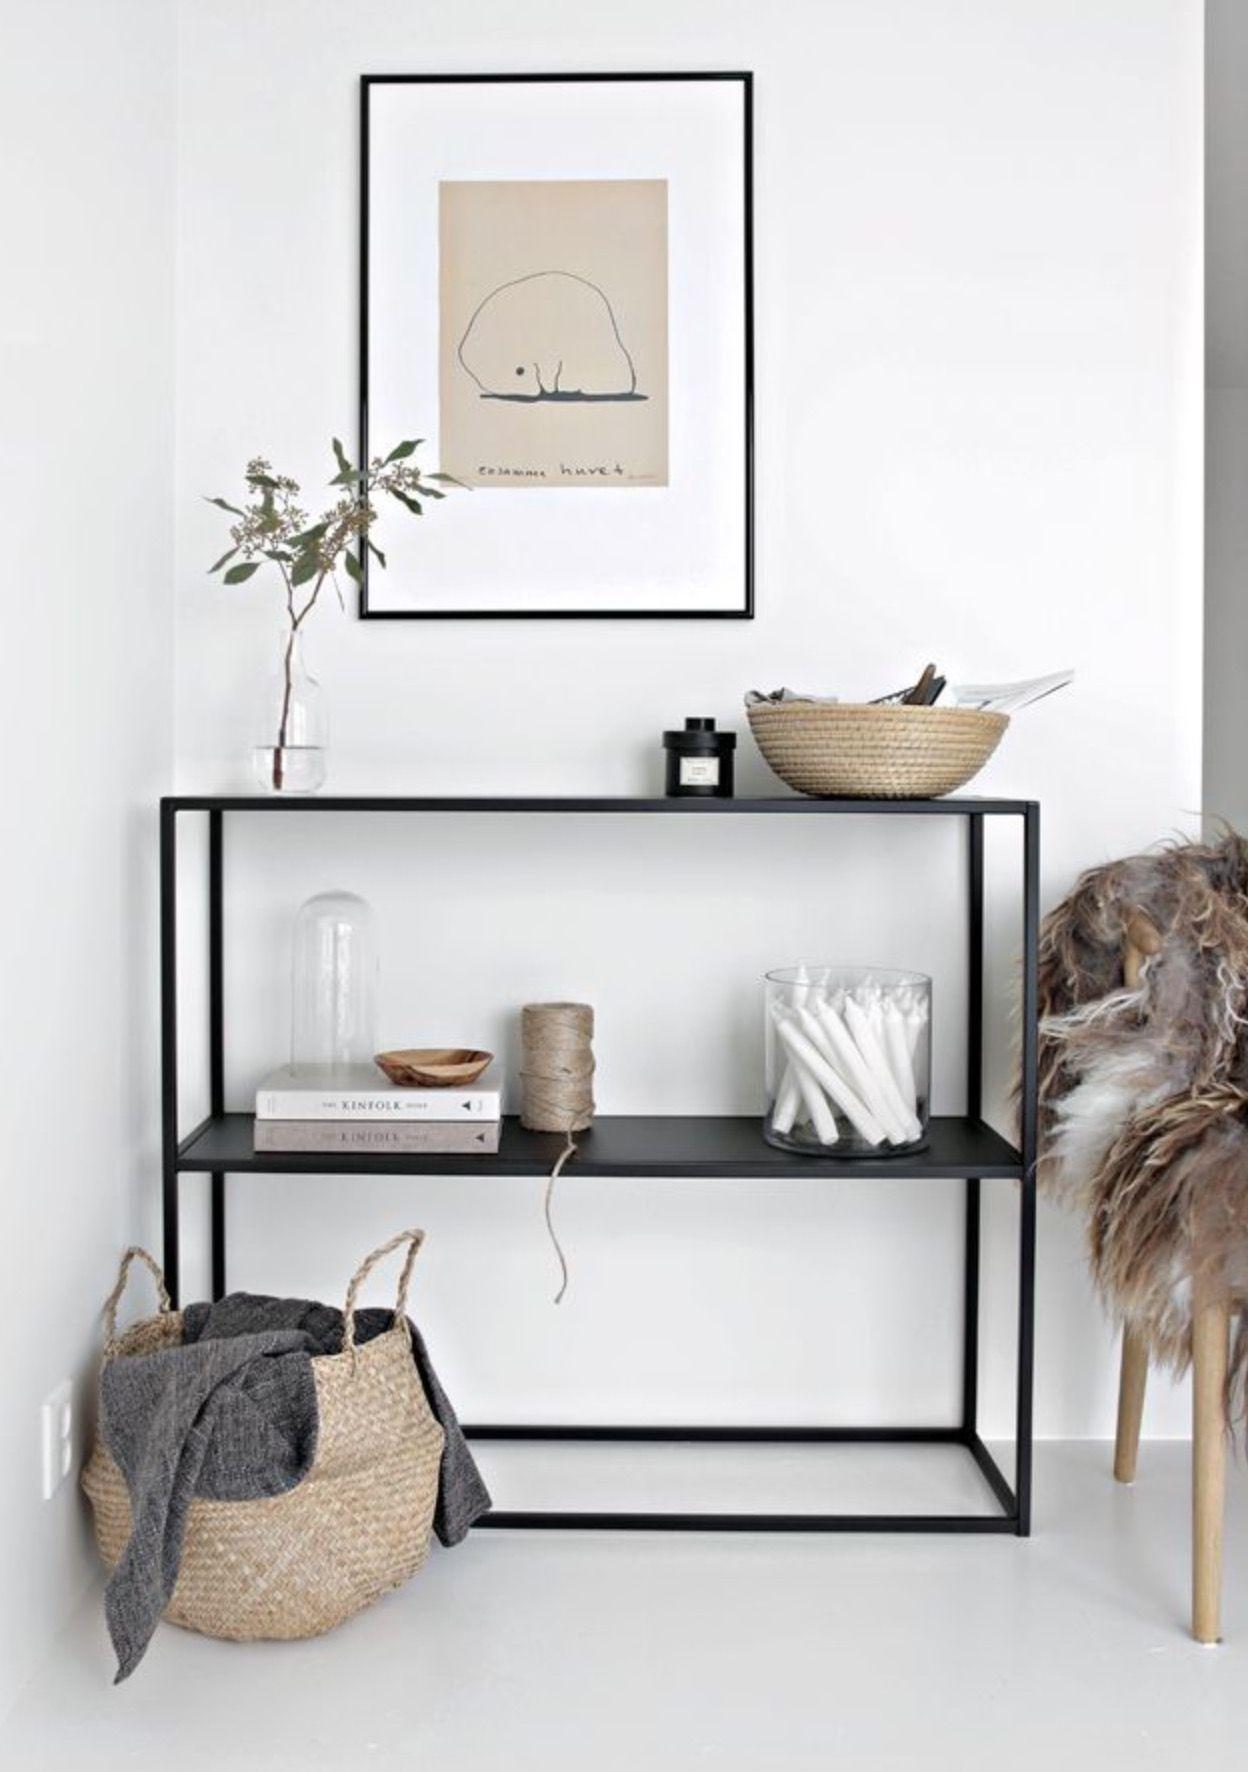 leuk als opvulling voor je woonkamer of slaapkamer een strak meubel tegenover een knusse houten vloer met een vachtje en wat accessoires maakt het plaatje